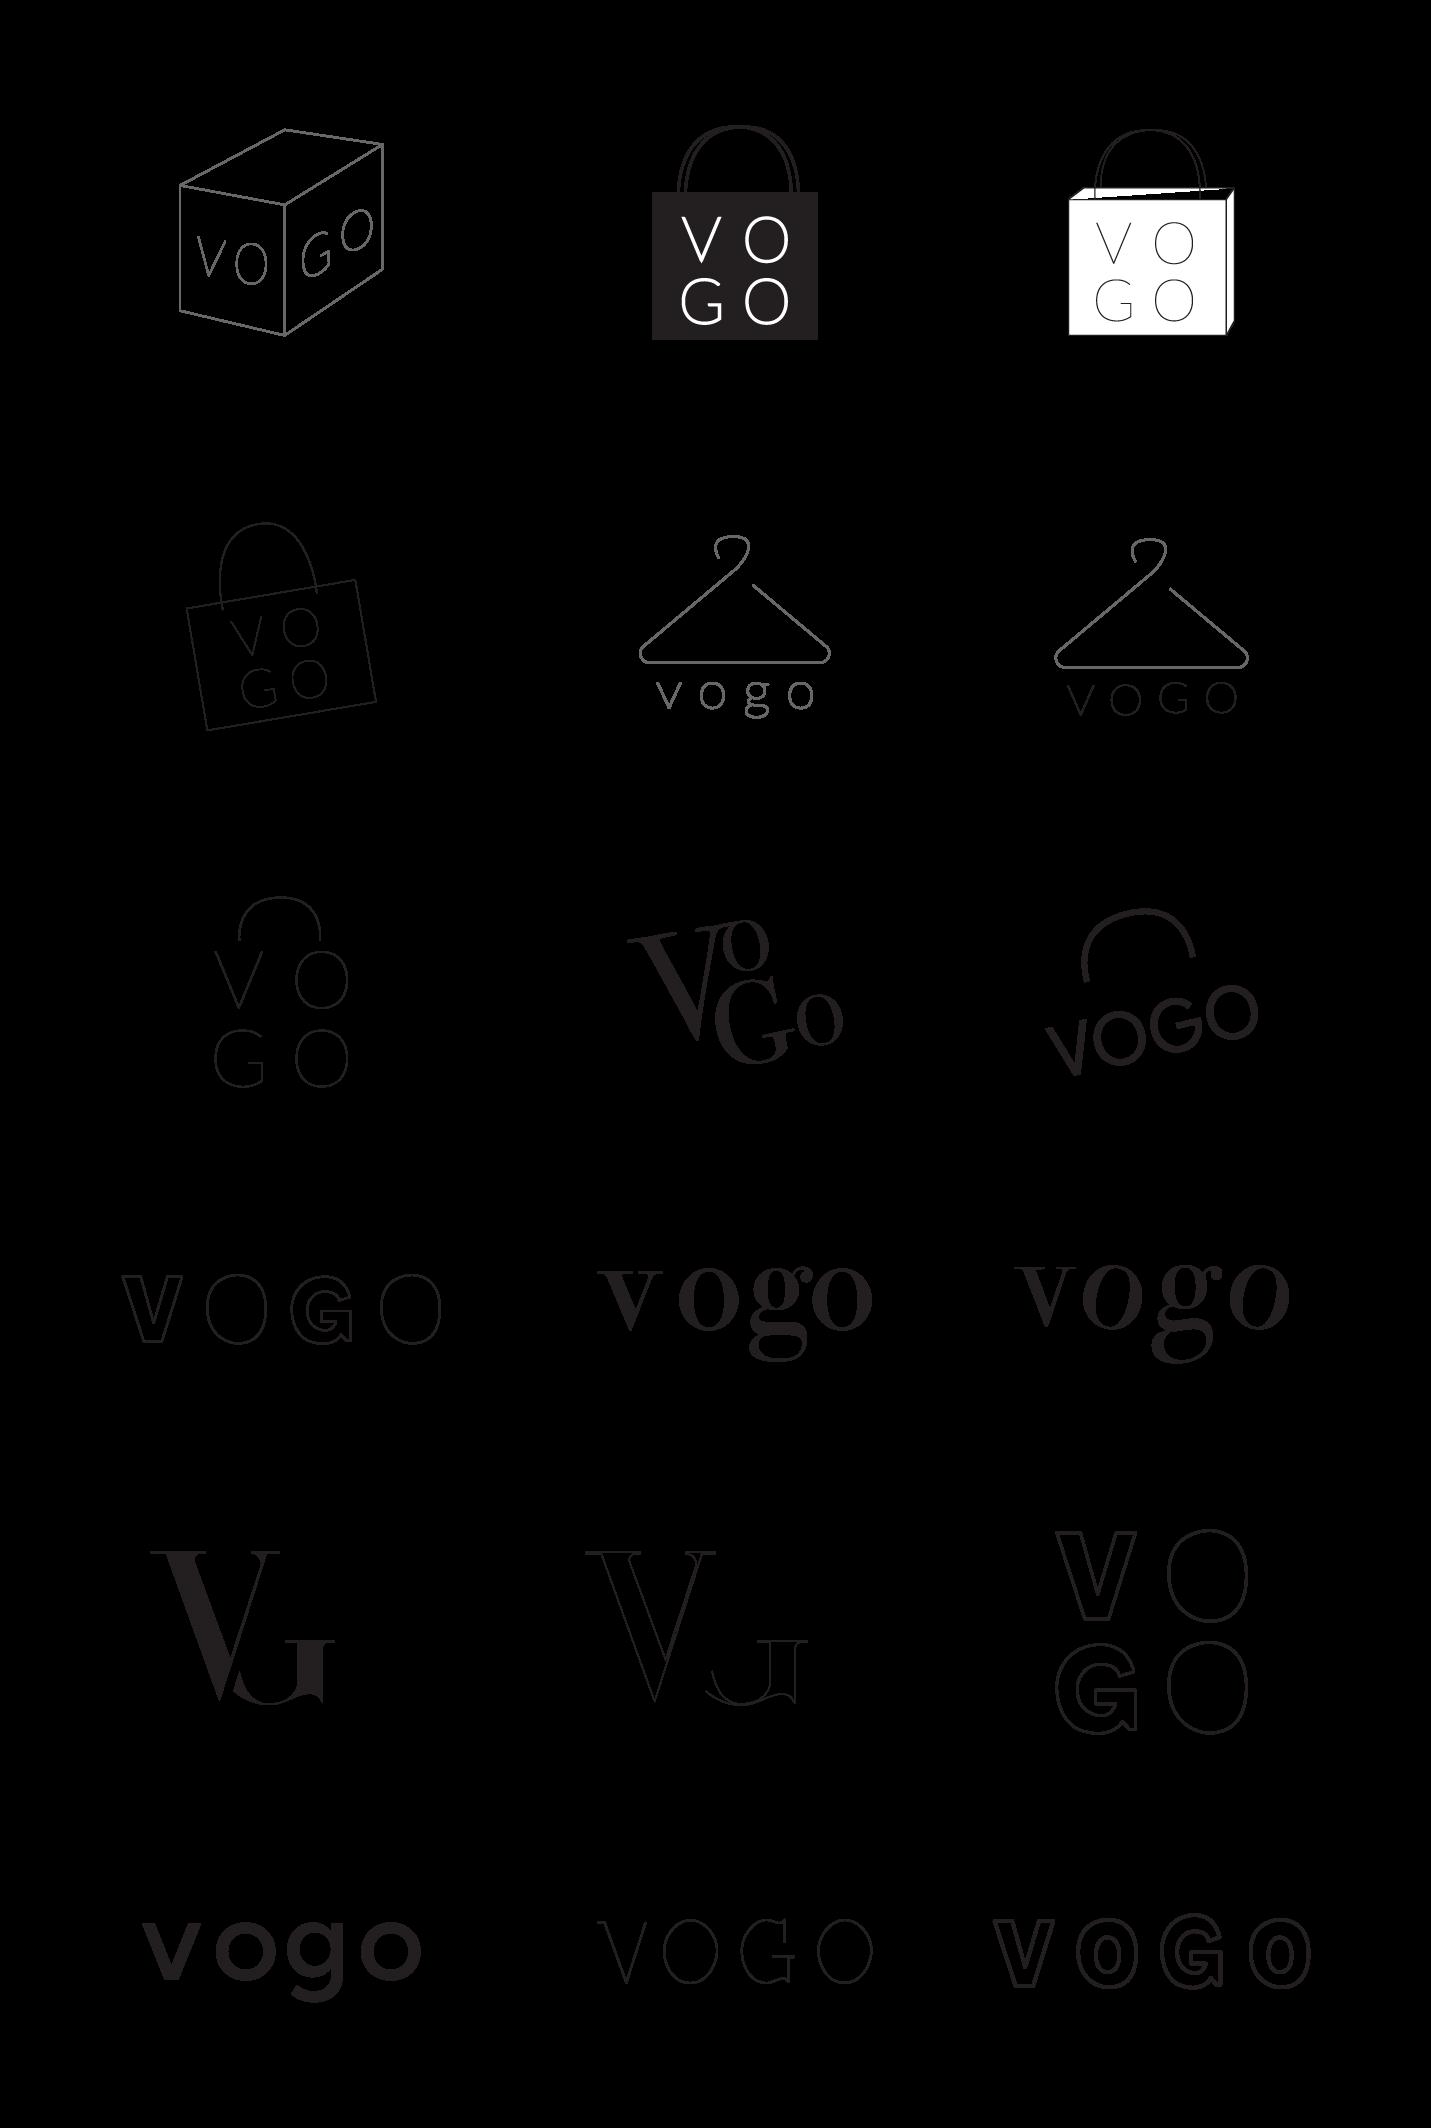 Vogo_Logo_Sketches